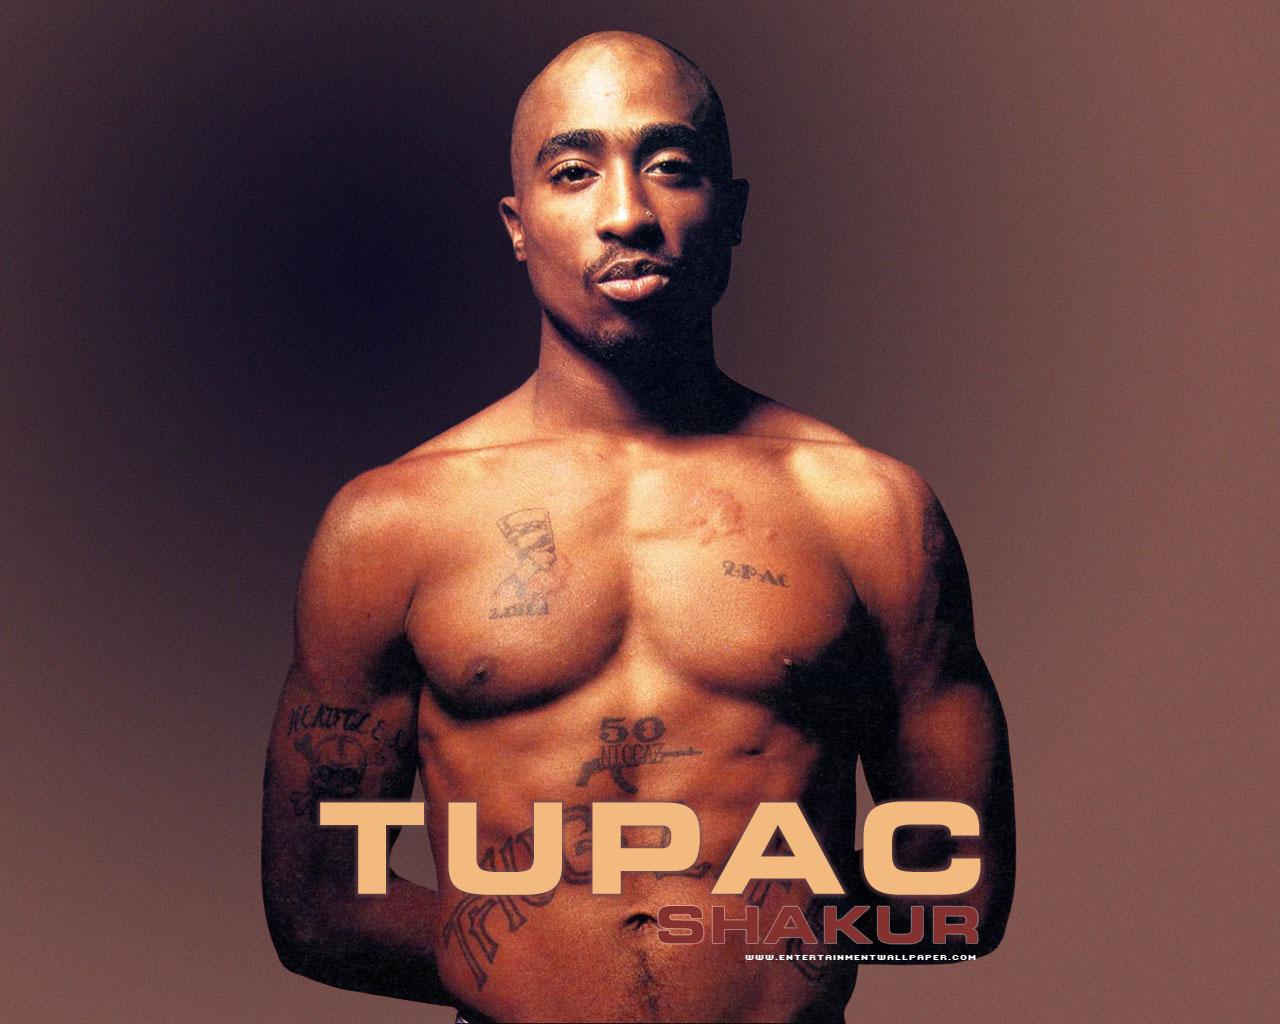 Tupac Amaru Shakur Wallpaper 1280x1024